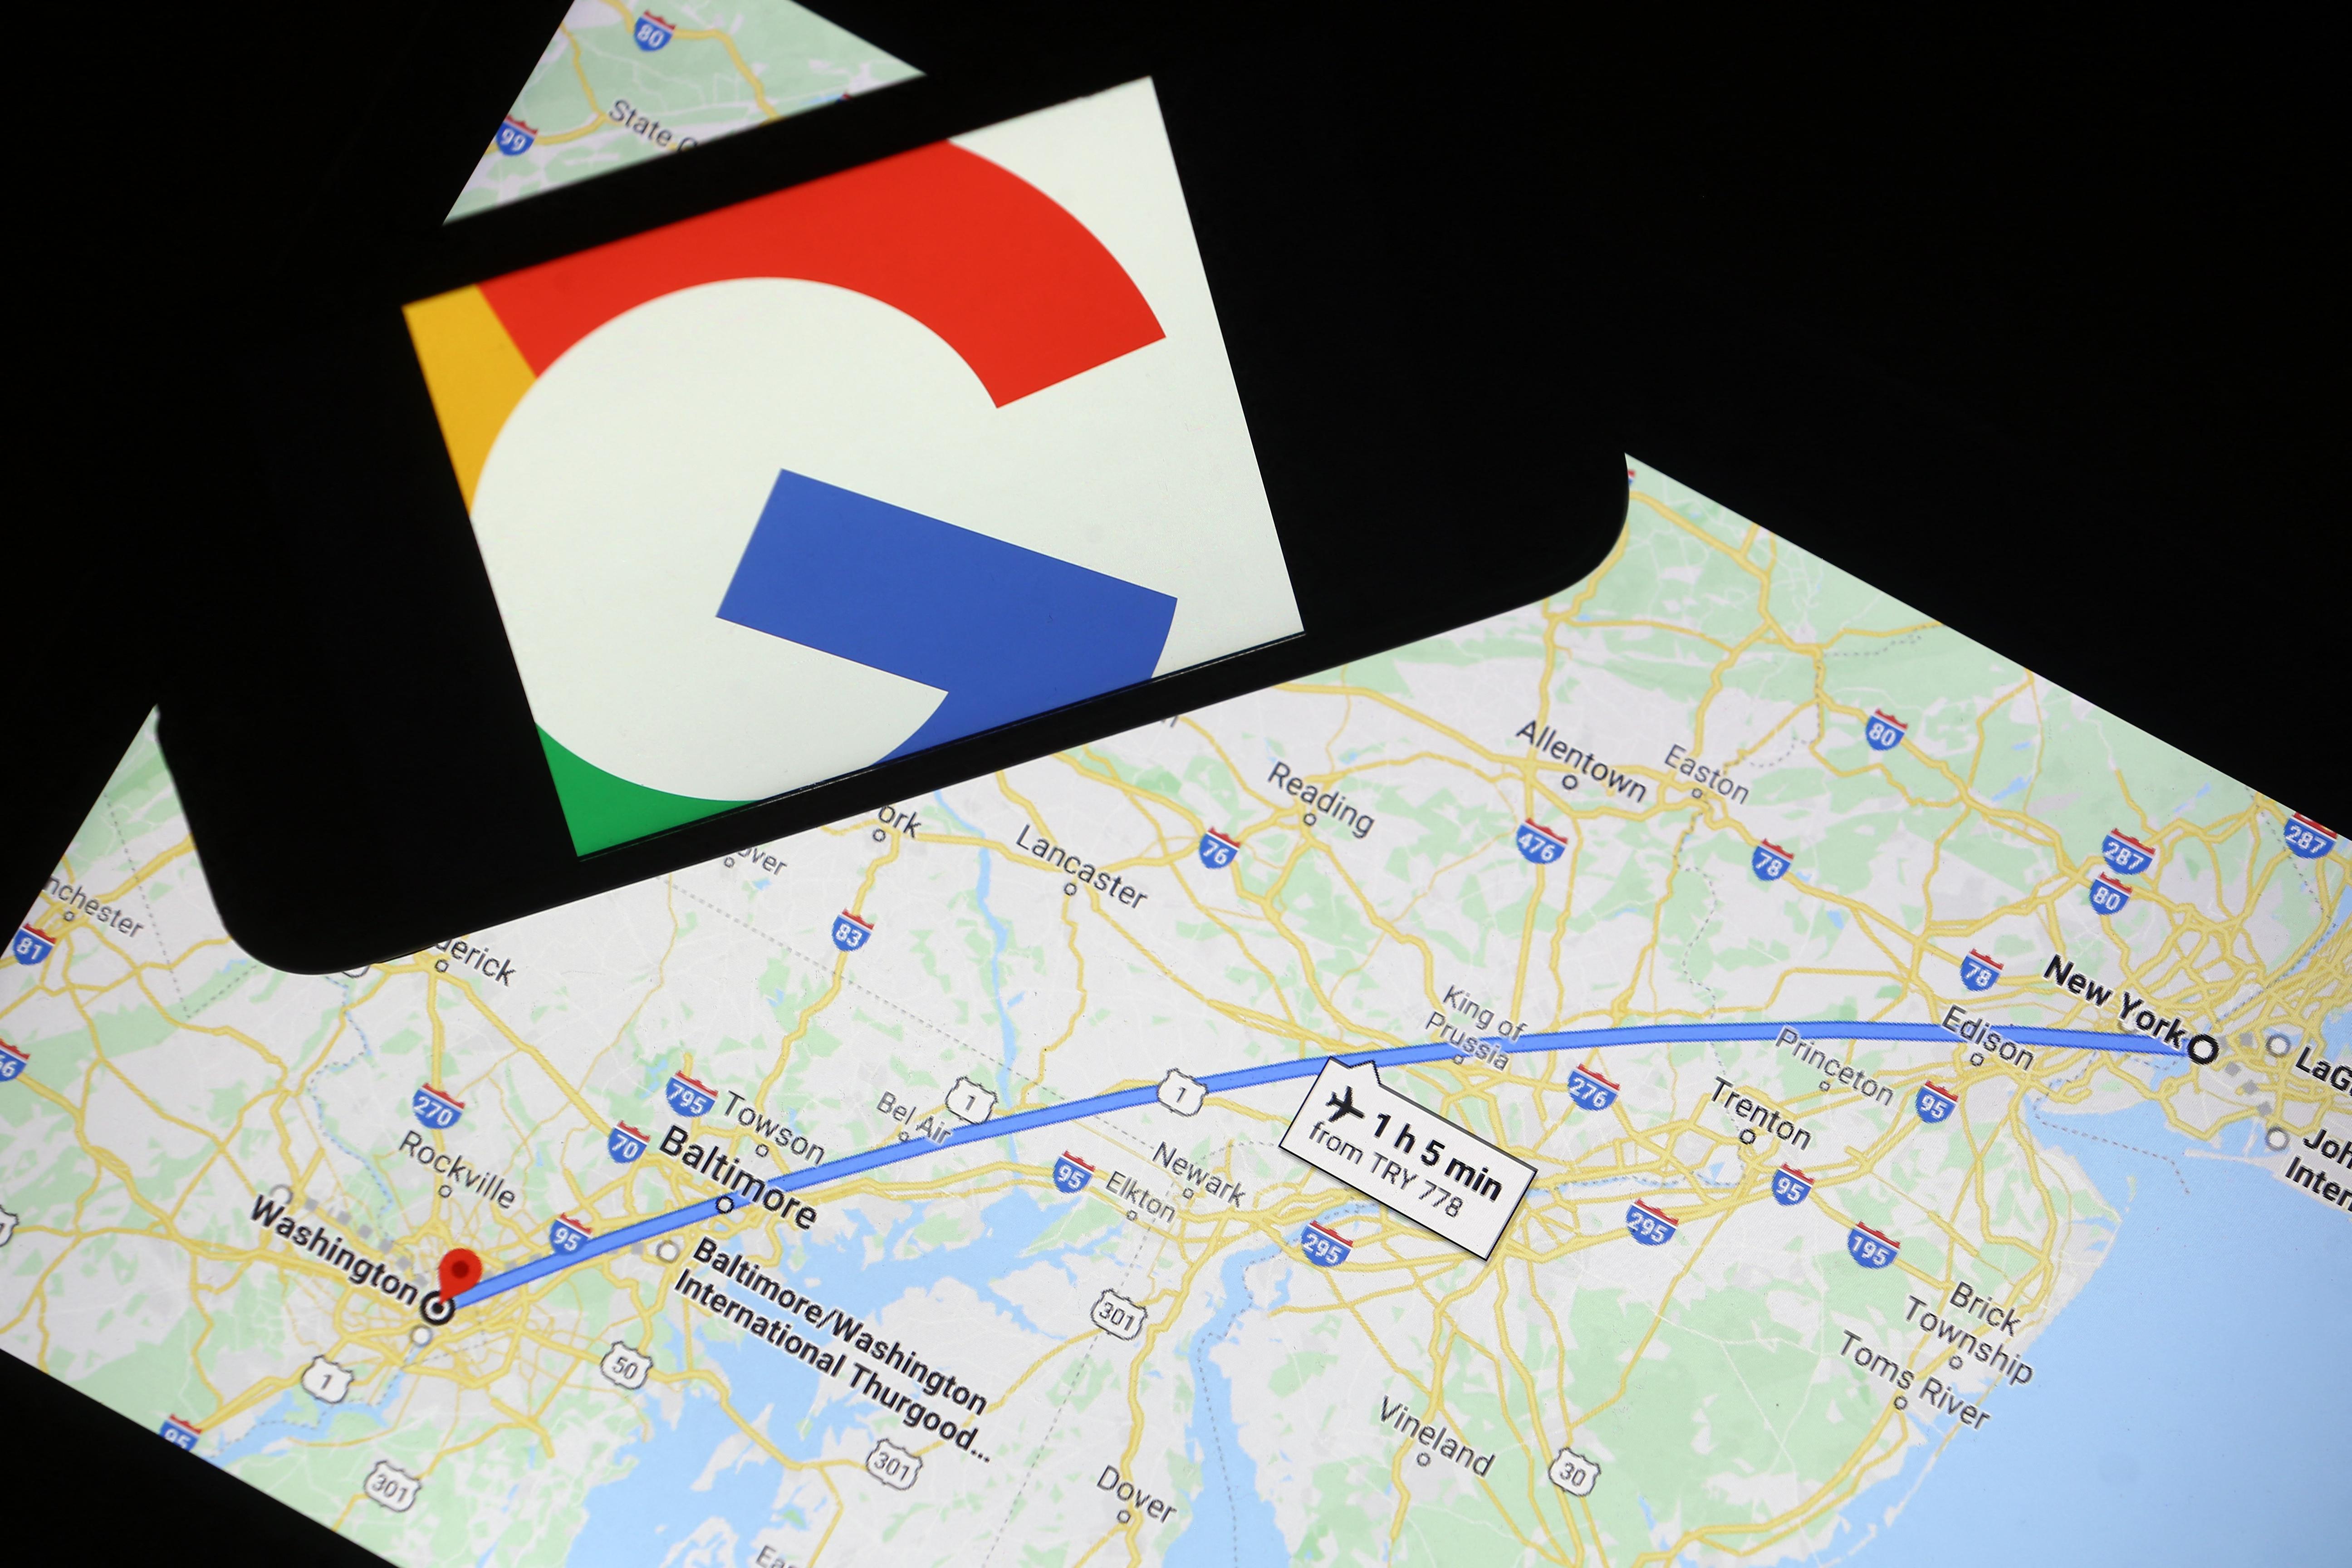 A Google Maps hamarosan alapból a legkevesebb kibocsátással járó útvonalat fogja mutatni az autósoknak